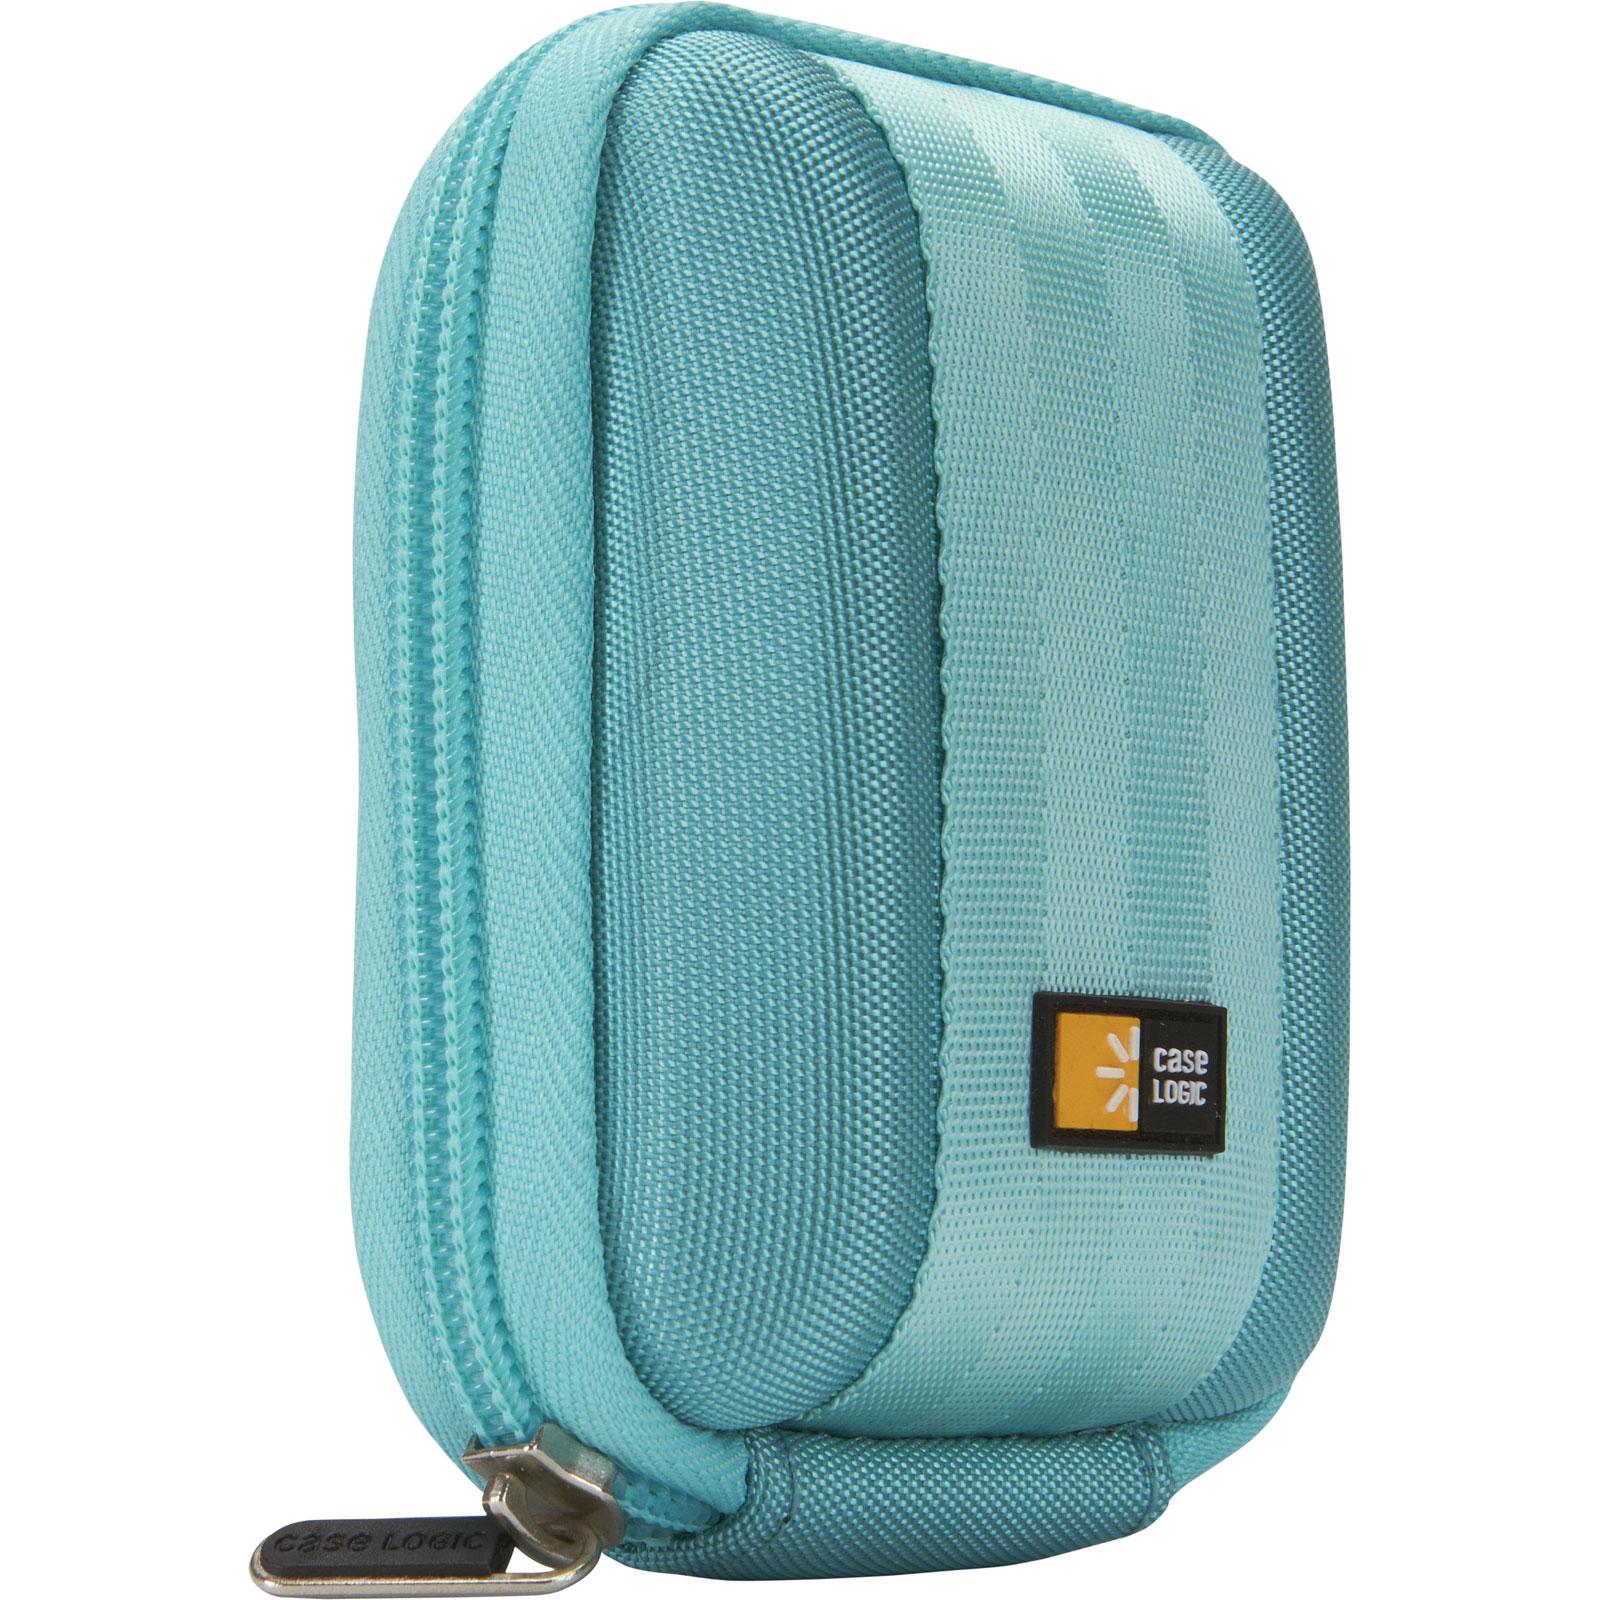 Sac & étui photo Case Logic QPB-201B Étui semi-rigide pour appareil photo compact (coloris bleu)